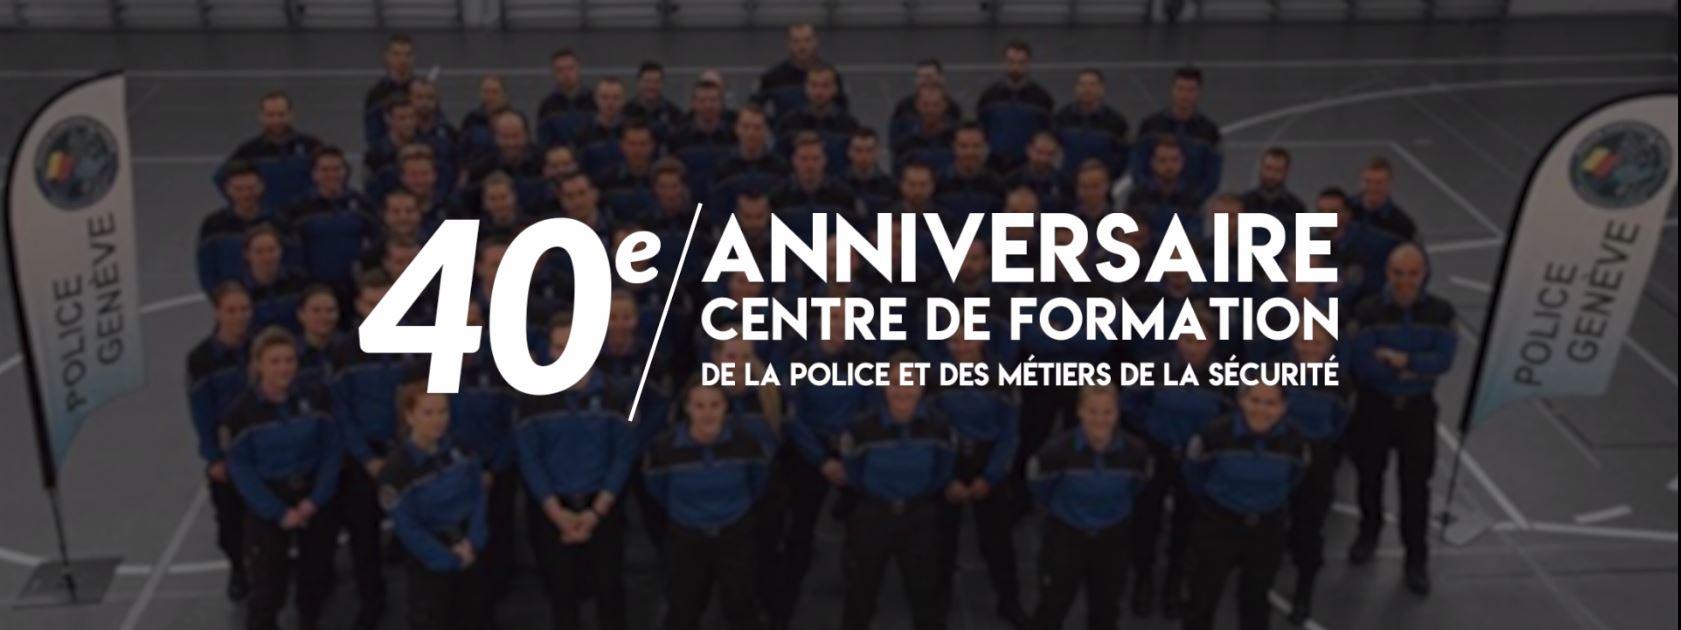 40ème anniversaire du CFPS